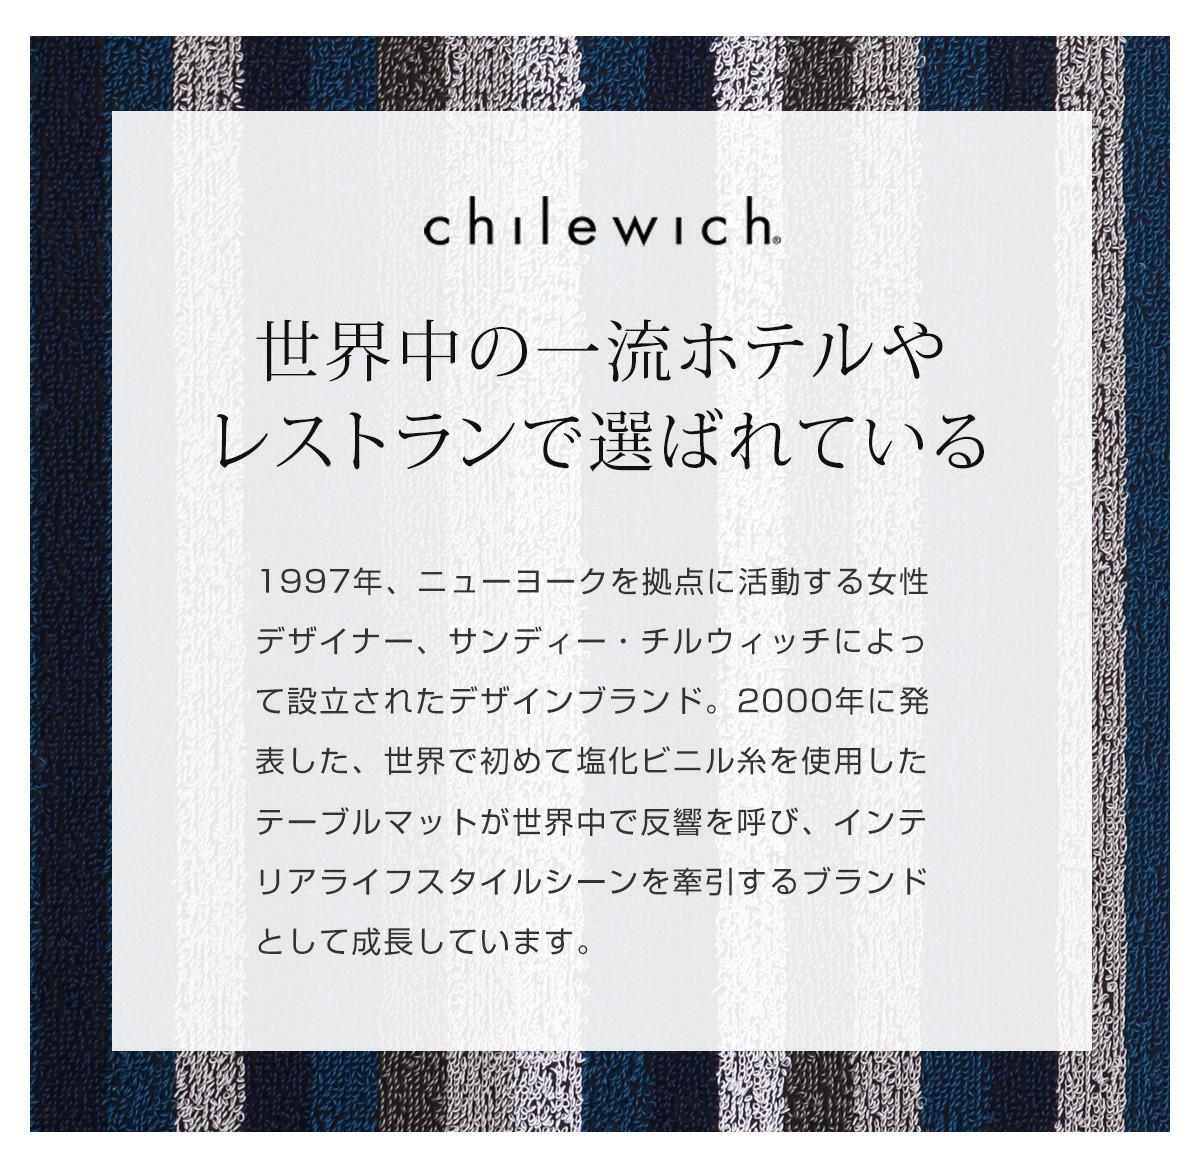 チルウィッチ 玄関マット イーブンストライプ ドアマット 200128